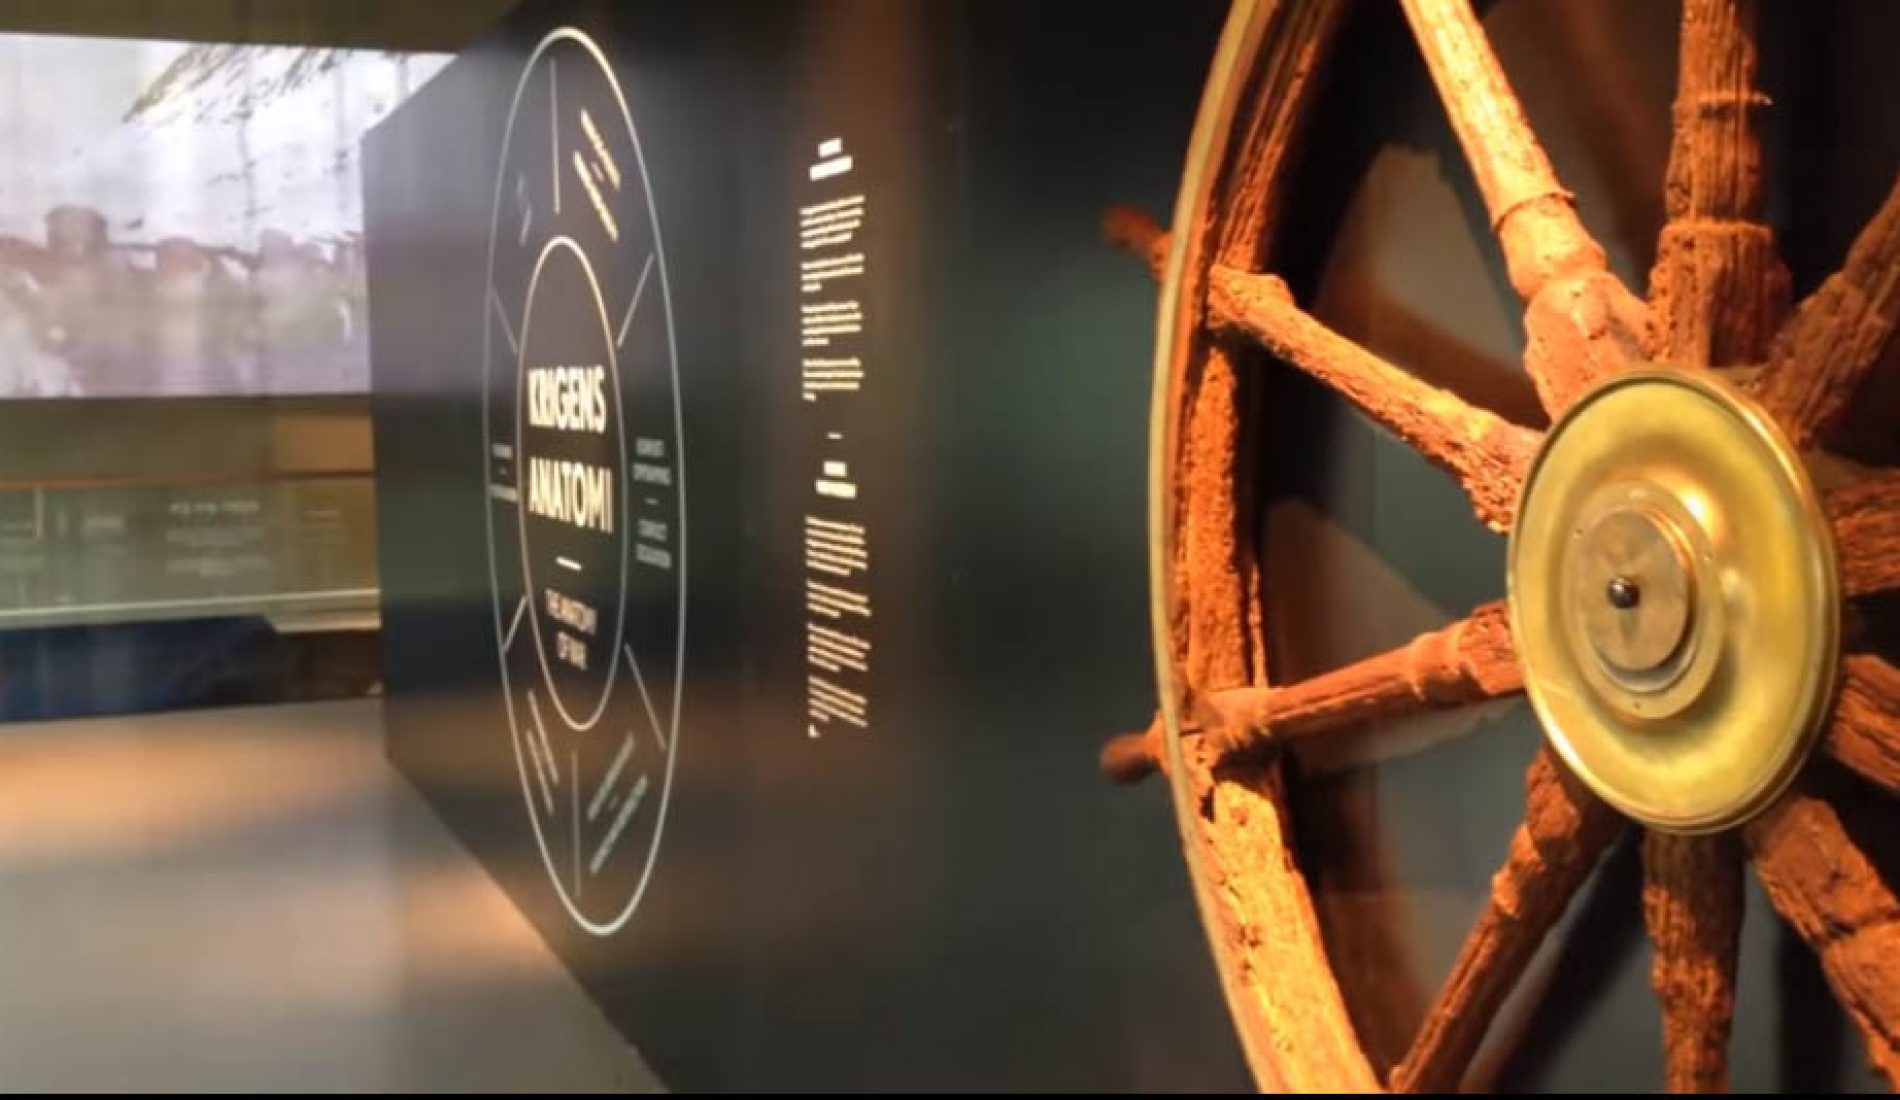 narvik-krigsminnemuseum